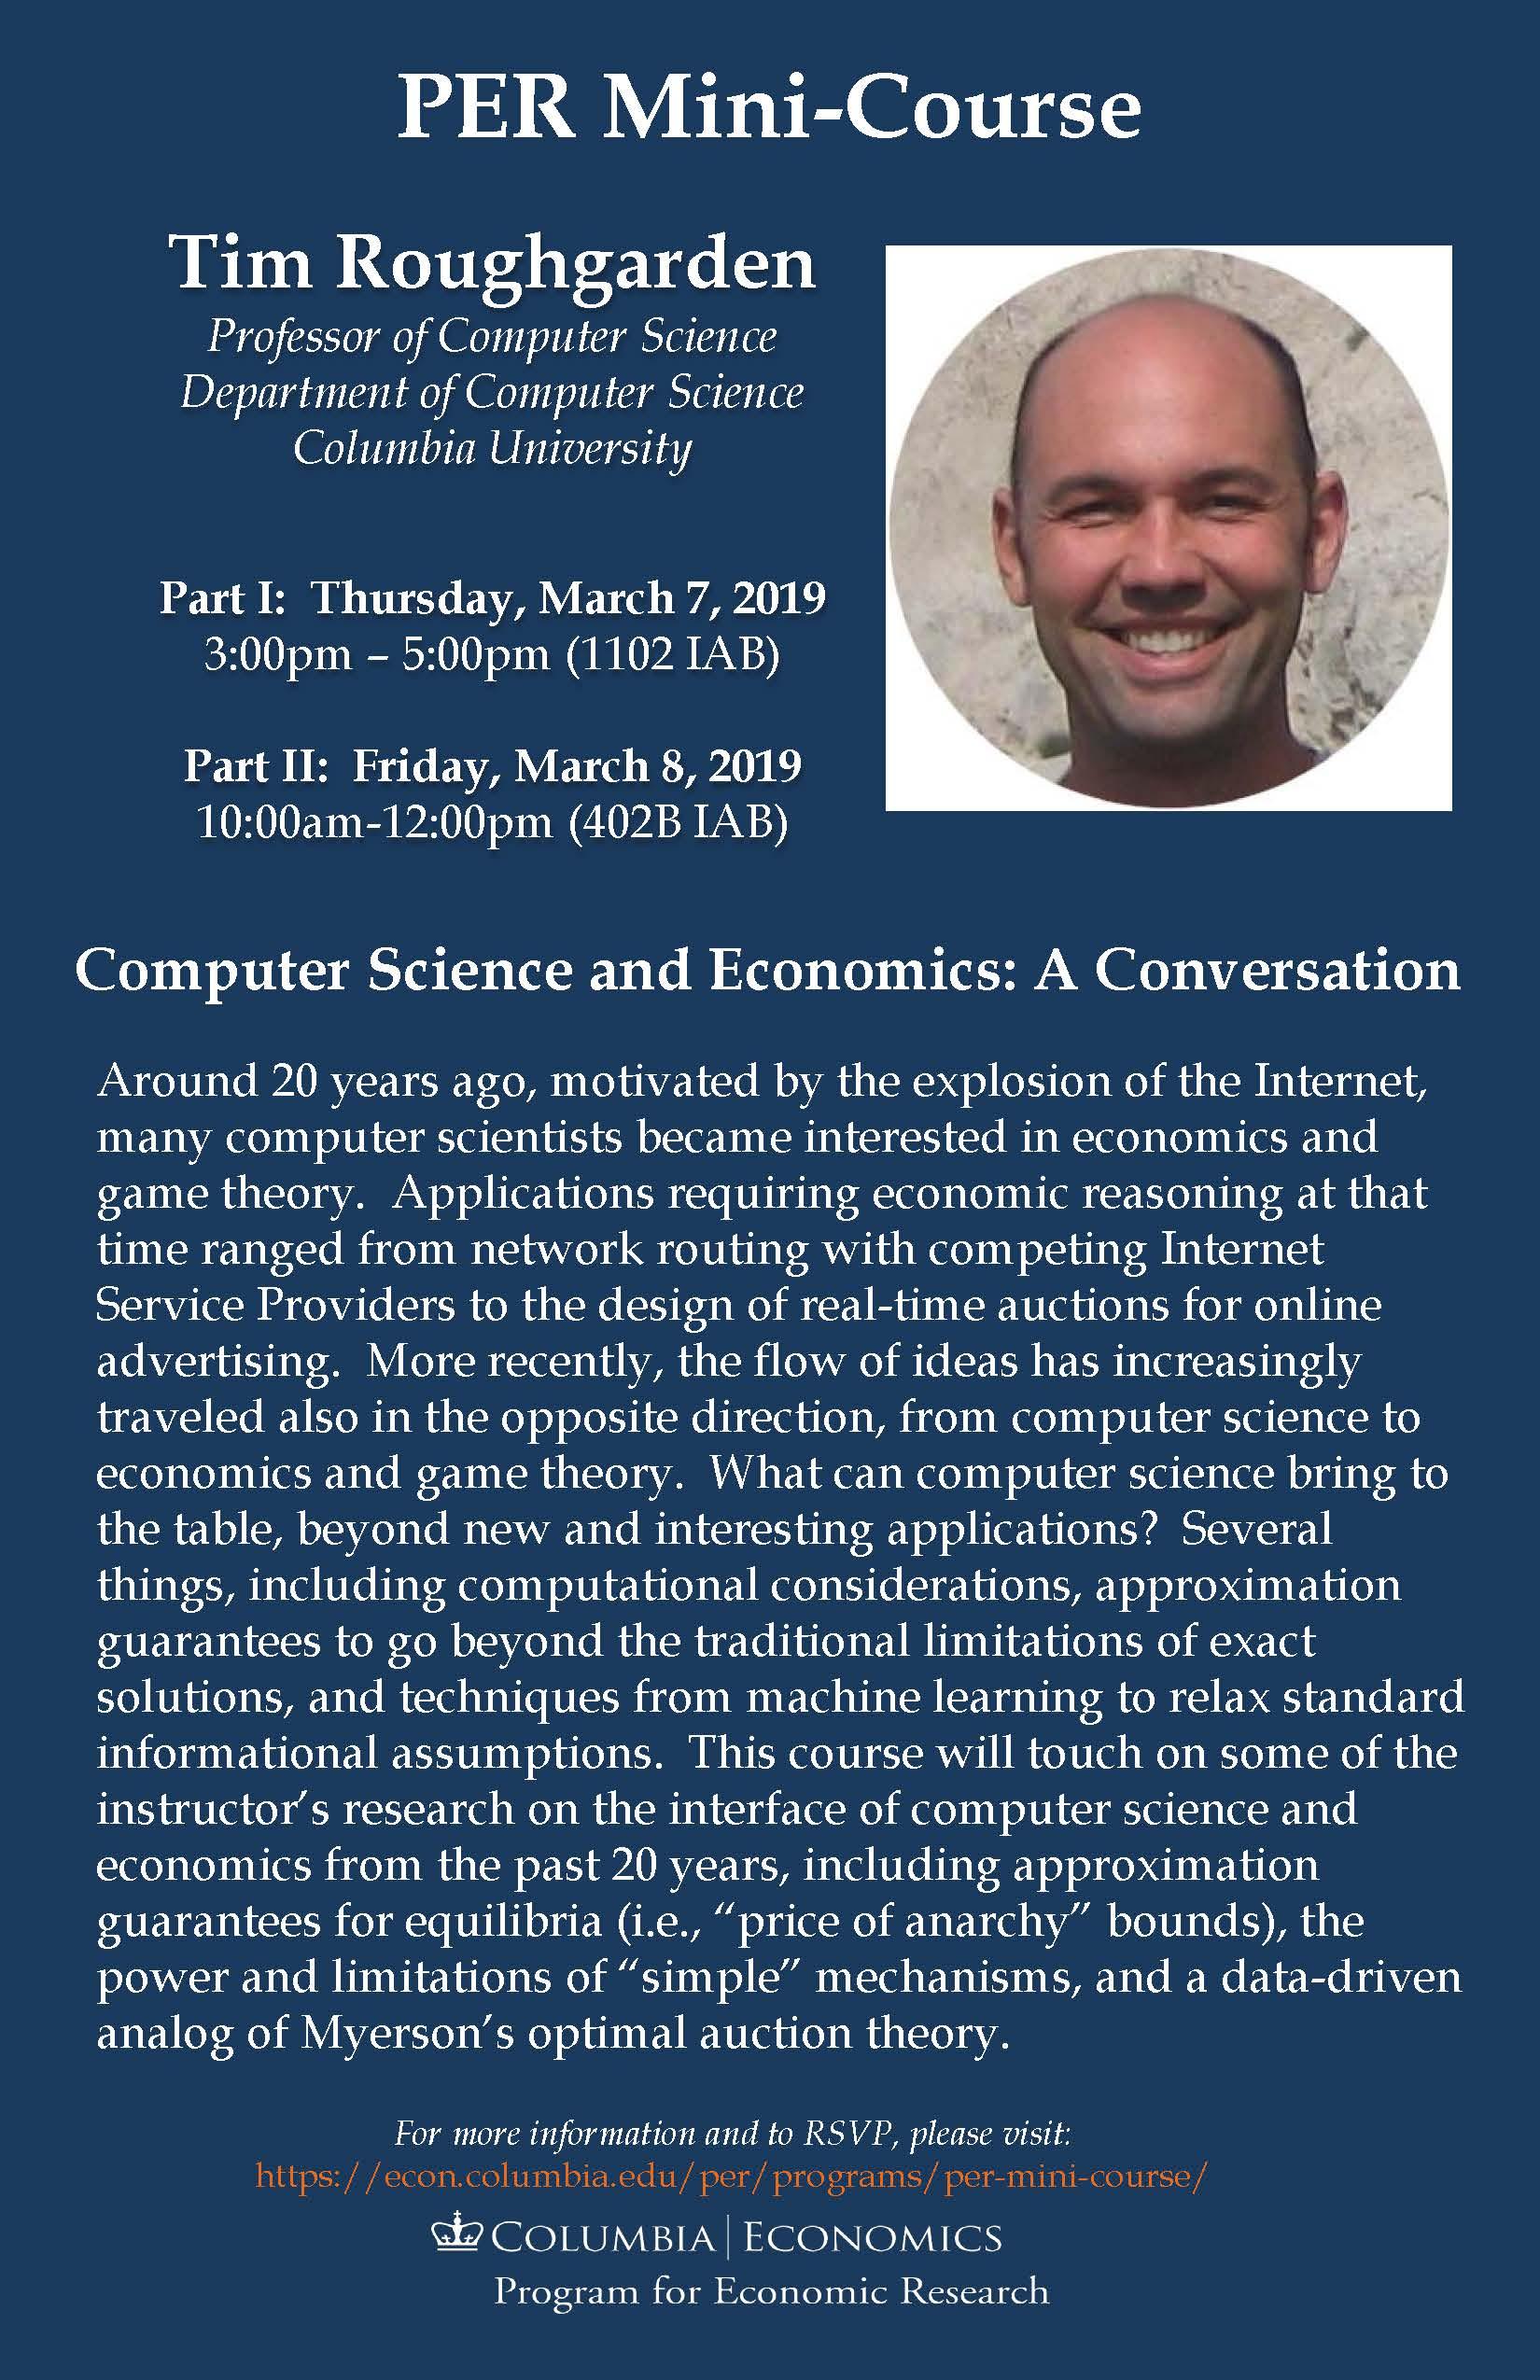 Tim Roughgarden. PER Mini Course. March 2019 Poster